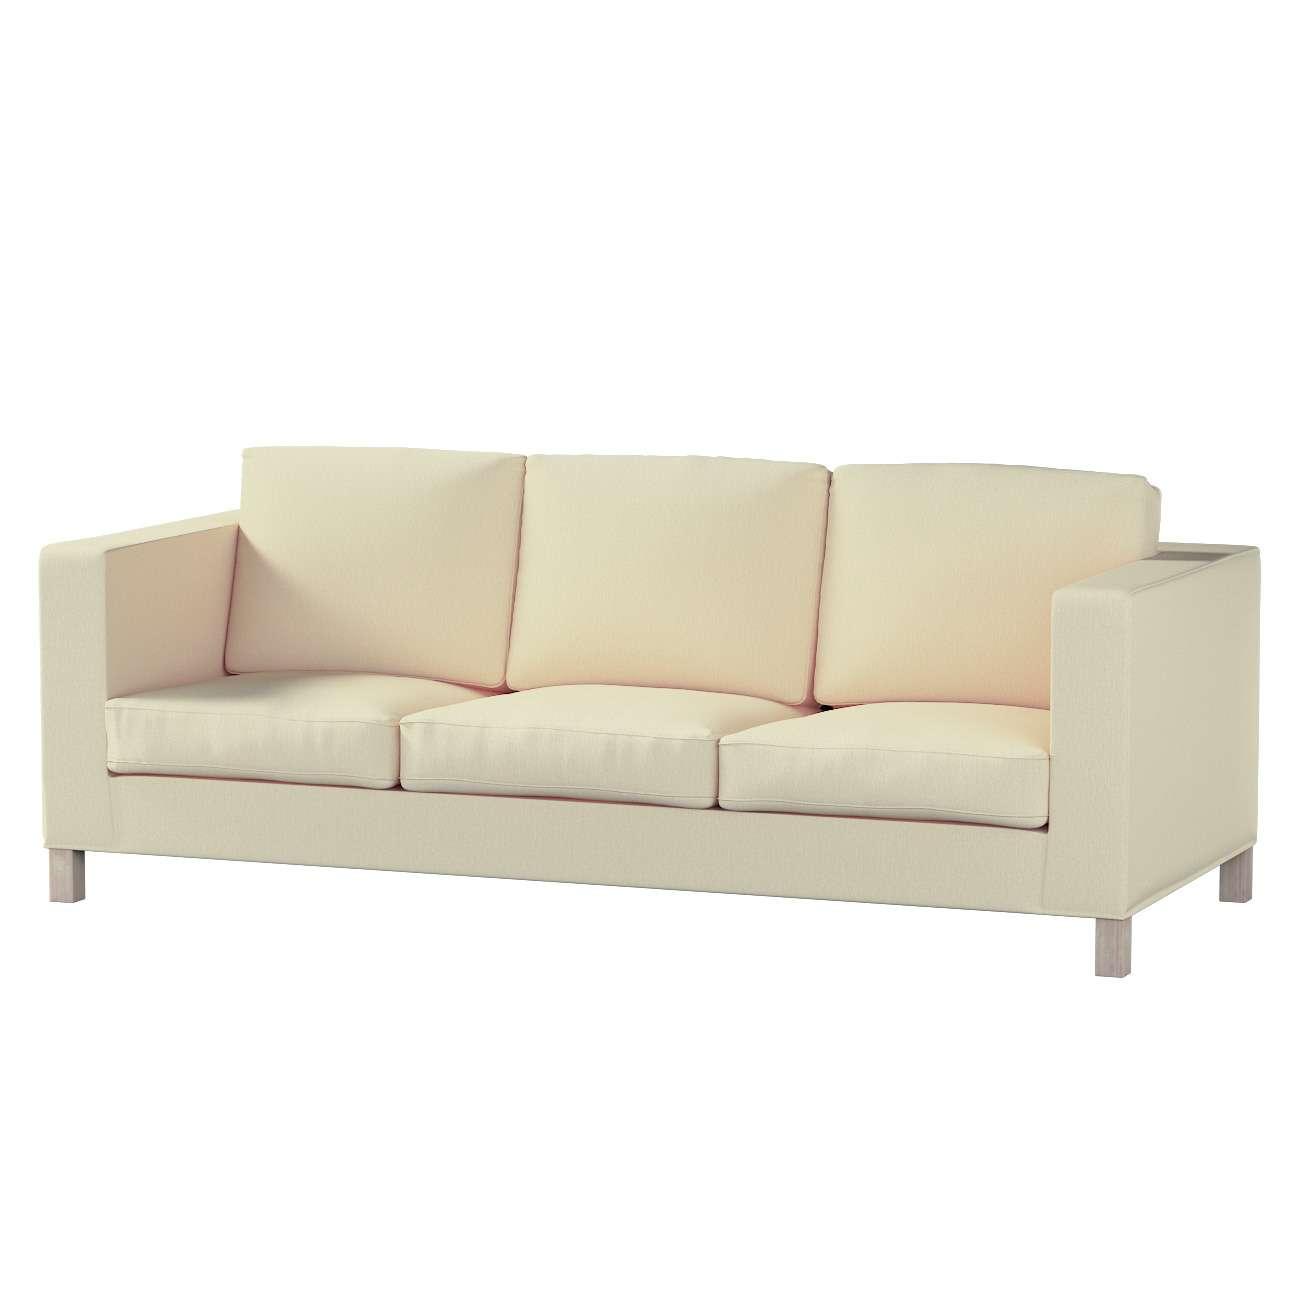 KARLANDA trivietės sofos užvalkalas KARLANDA trivietės sofos užvalkalas kolekcijoje Chenille, audinys: 702-22